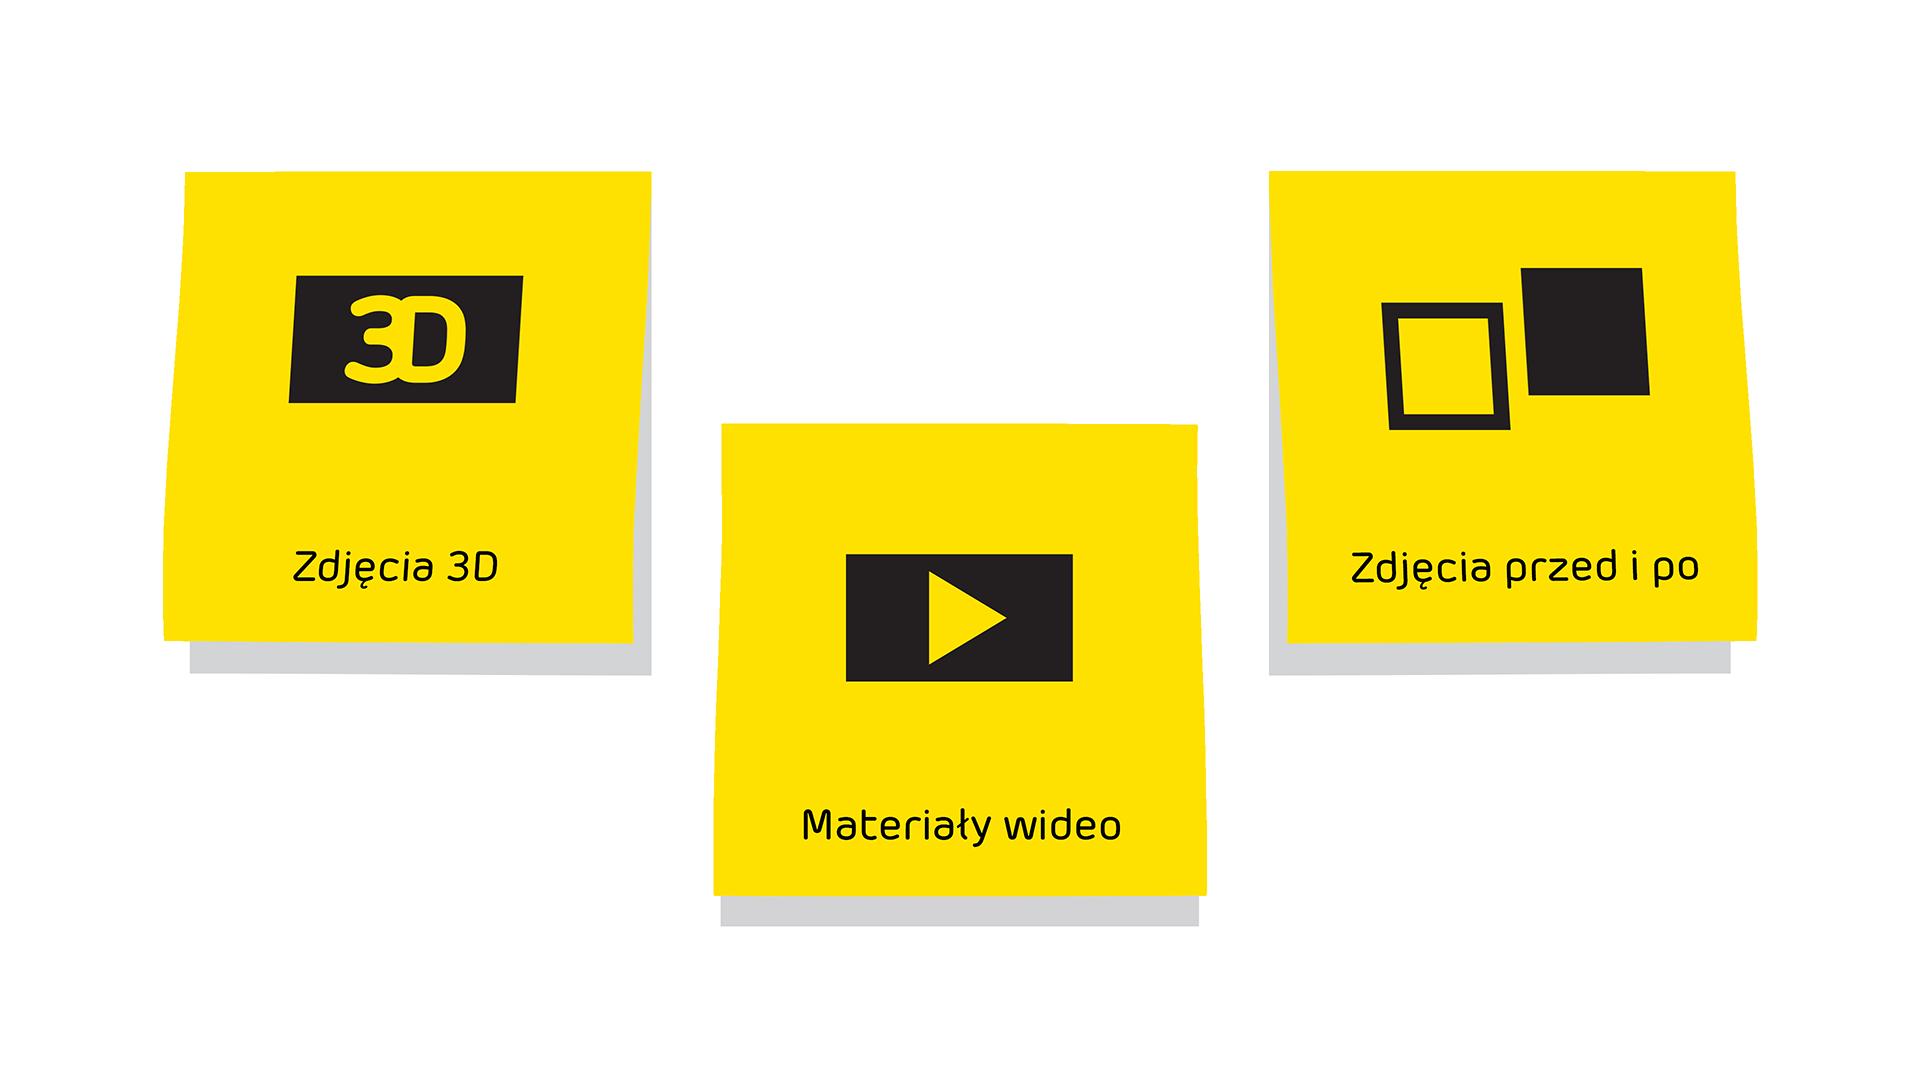 animacje, parallax, materiały wideo, grafiki 3D